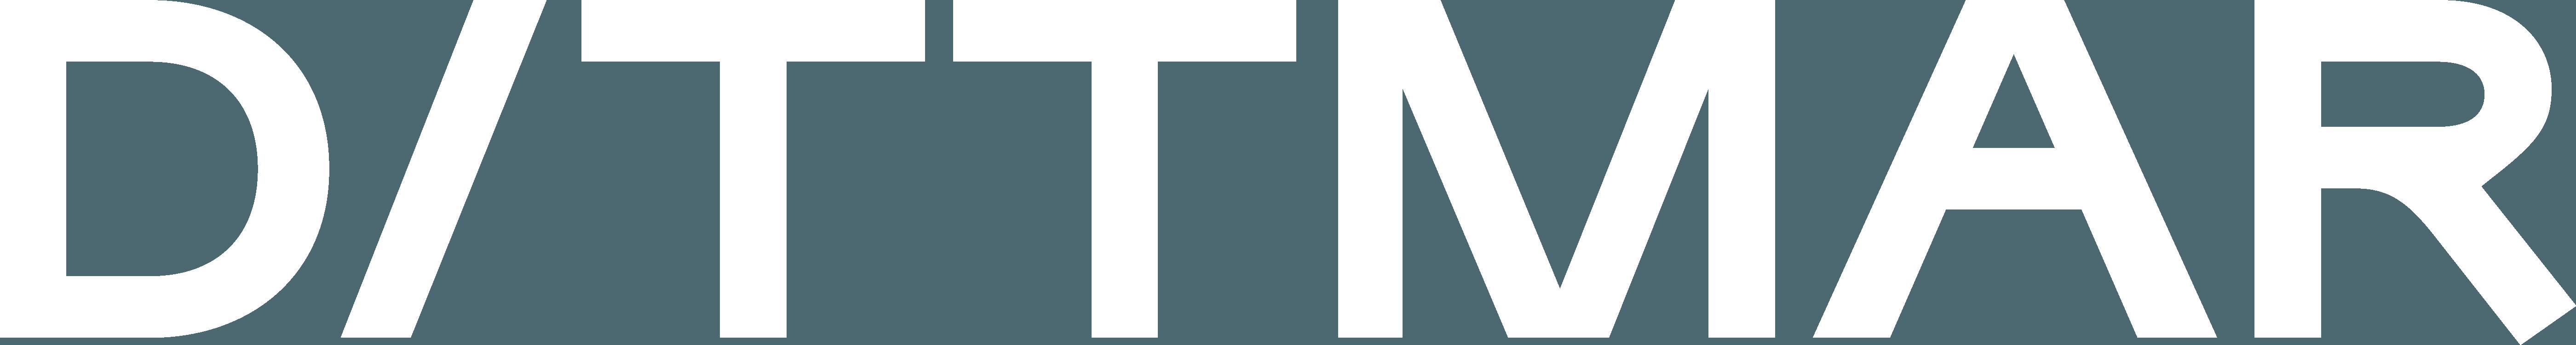 Dittmar_logo-reversed-wide_2019